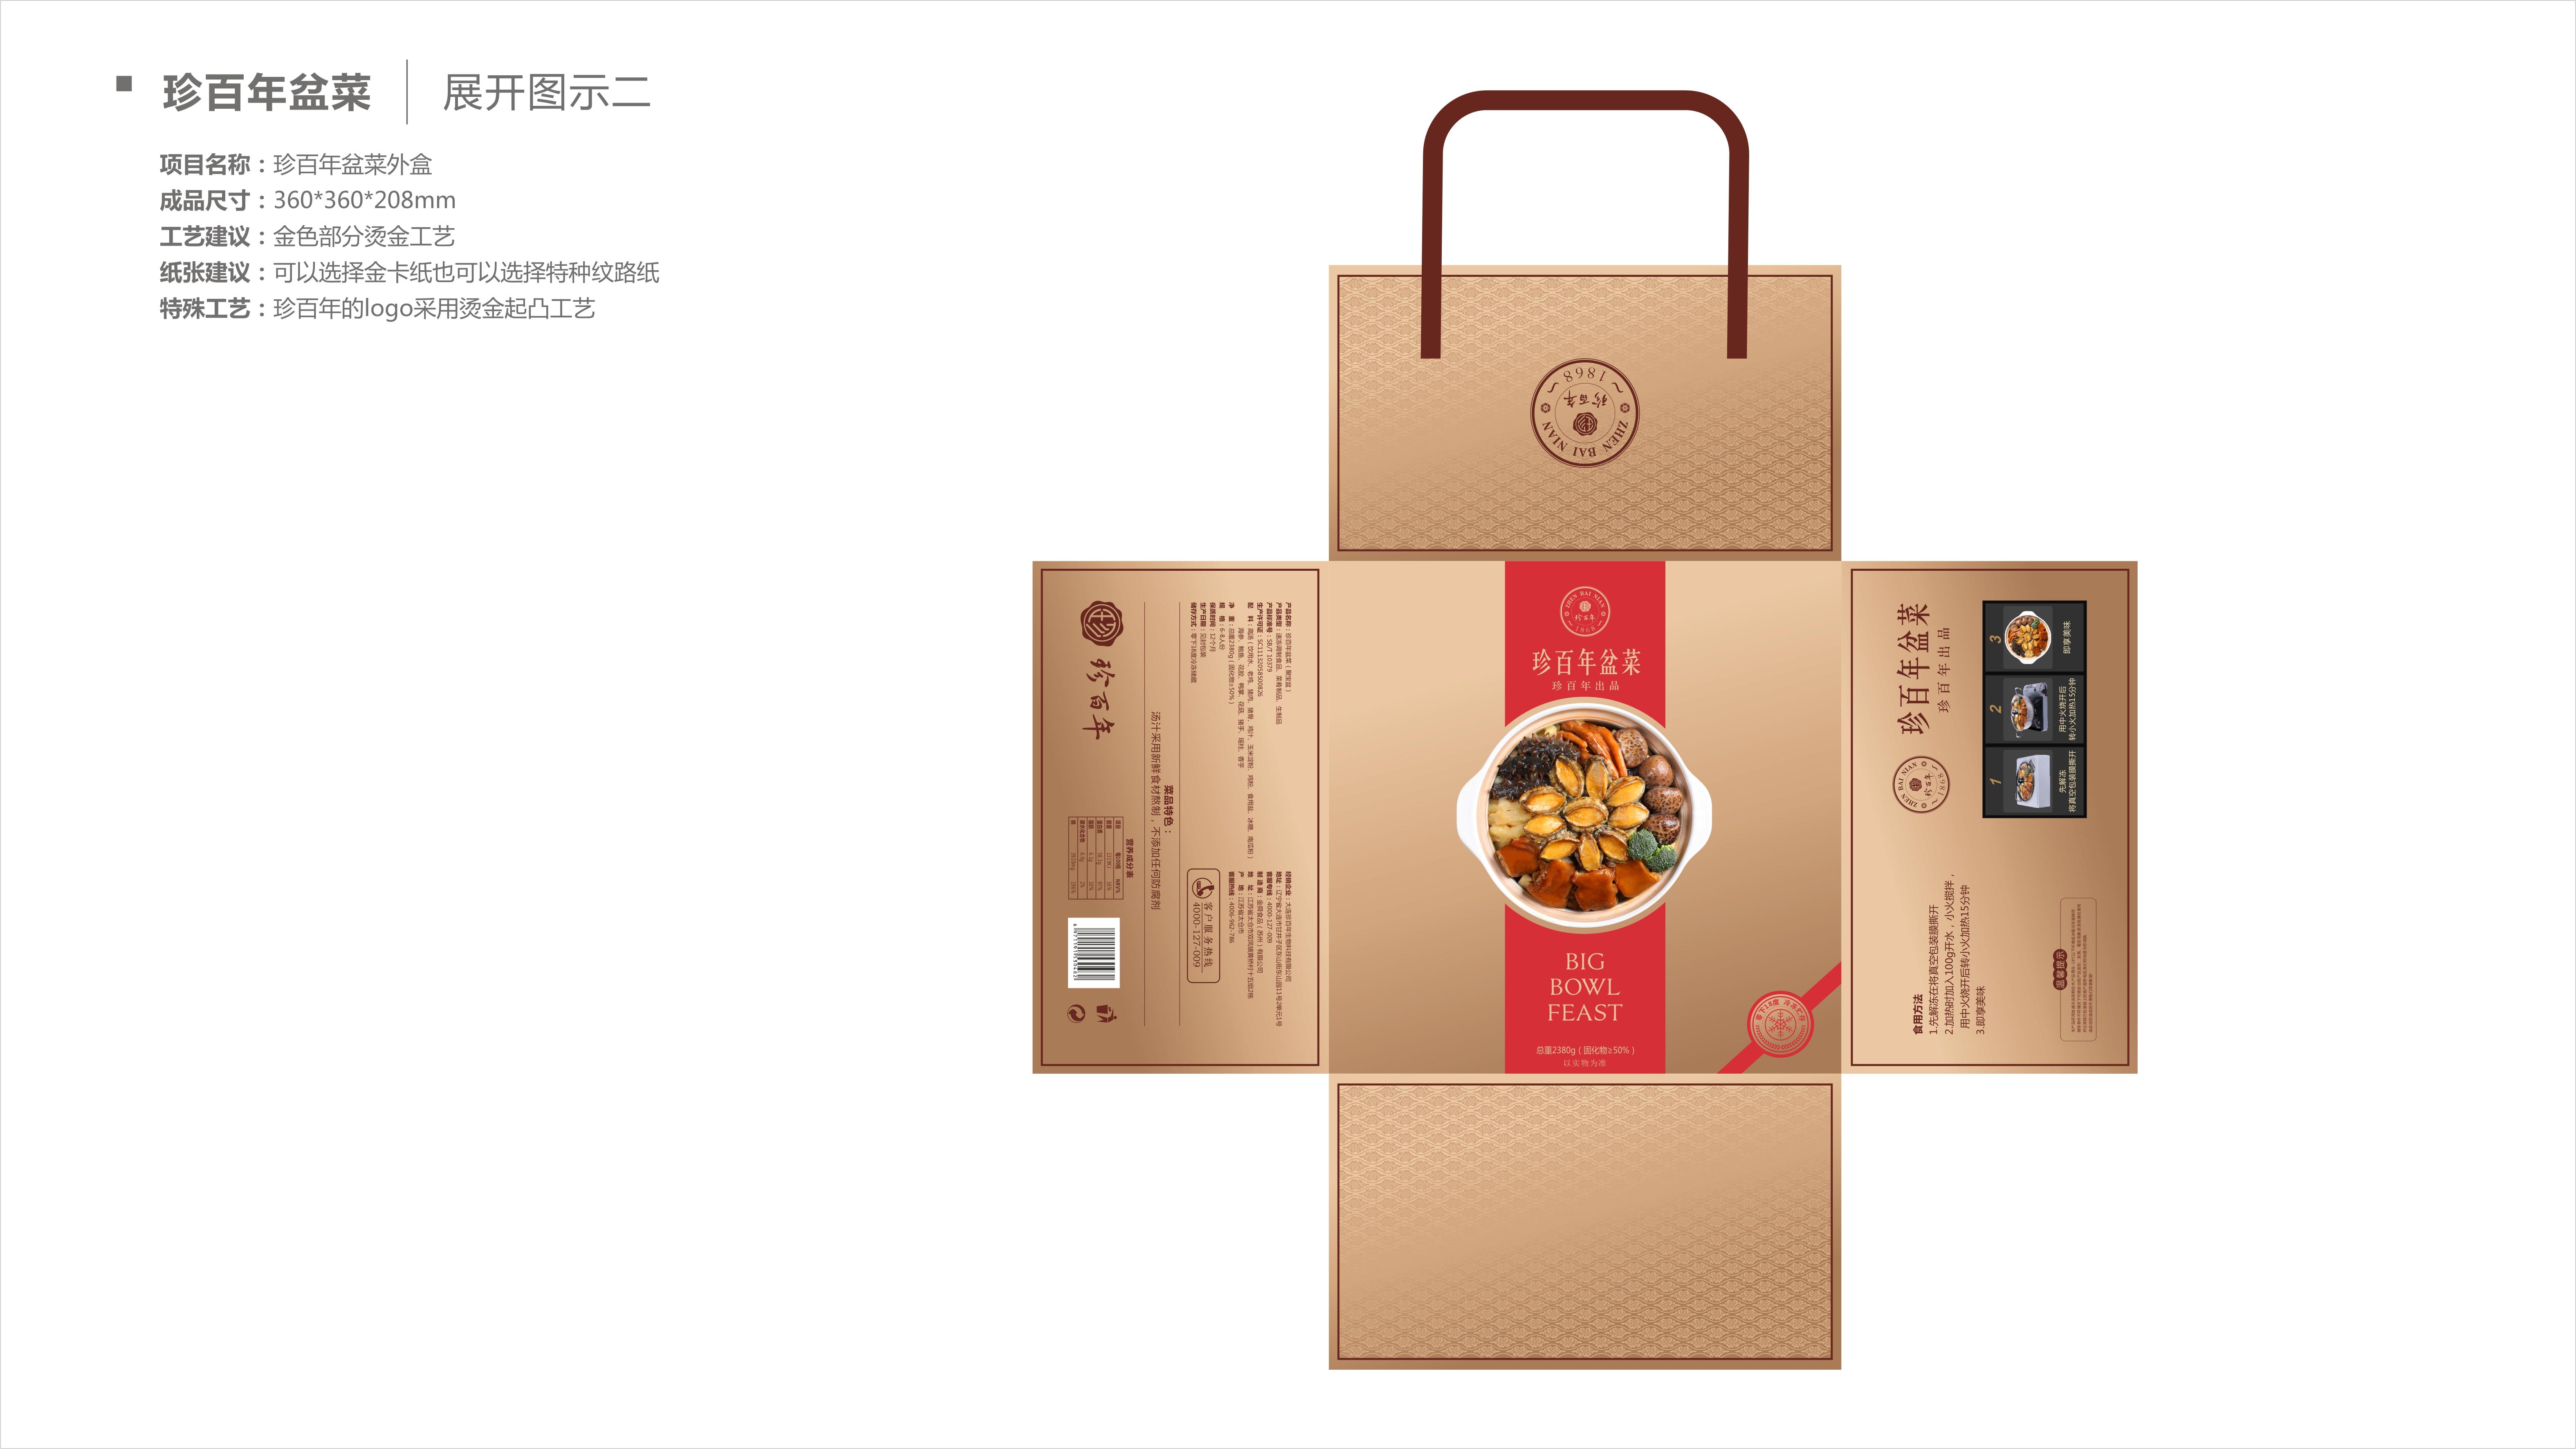 珍百年产品包装设计